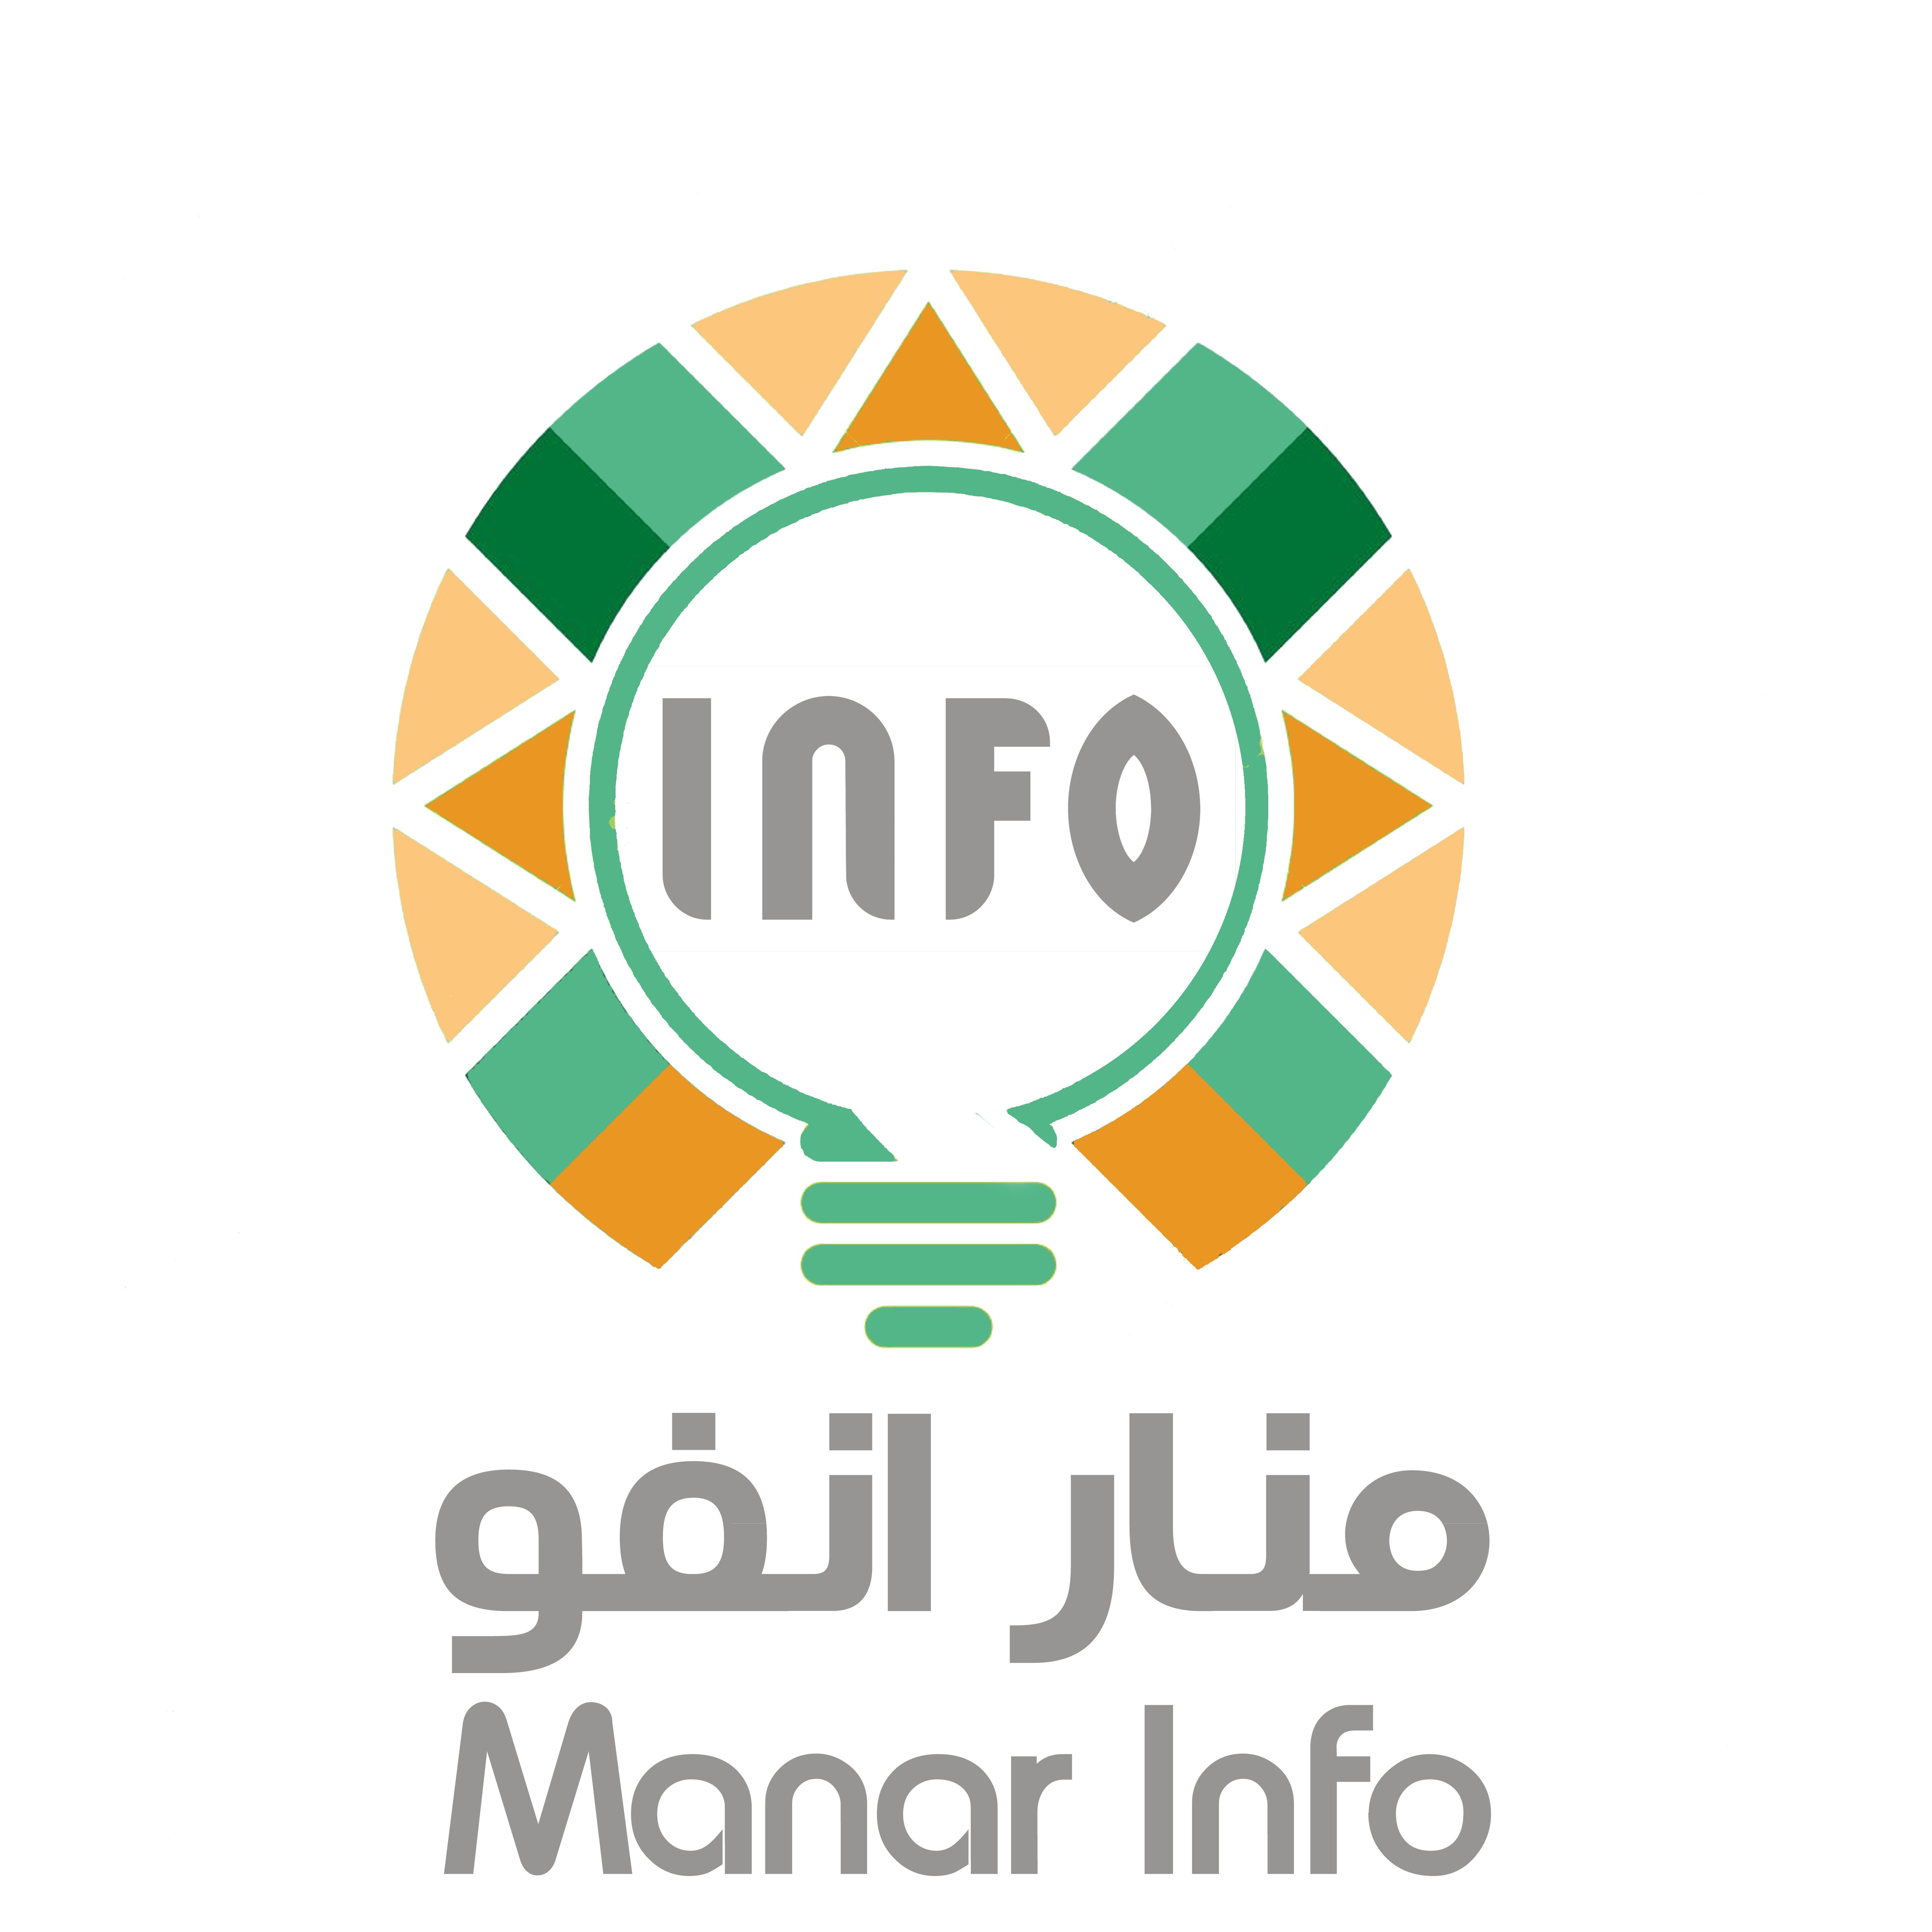 شعار منار انفو